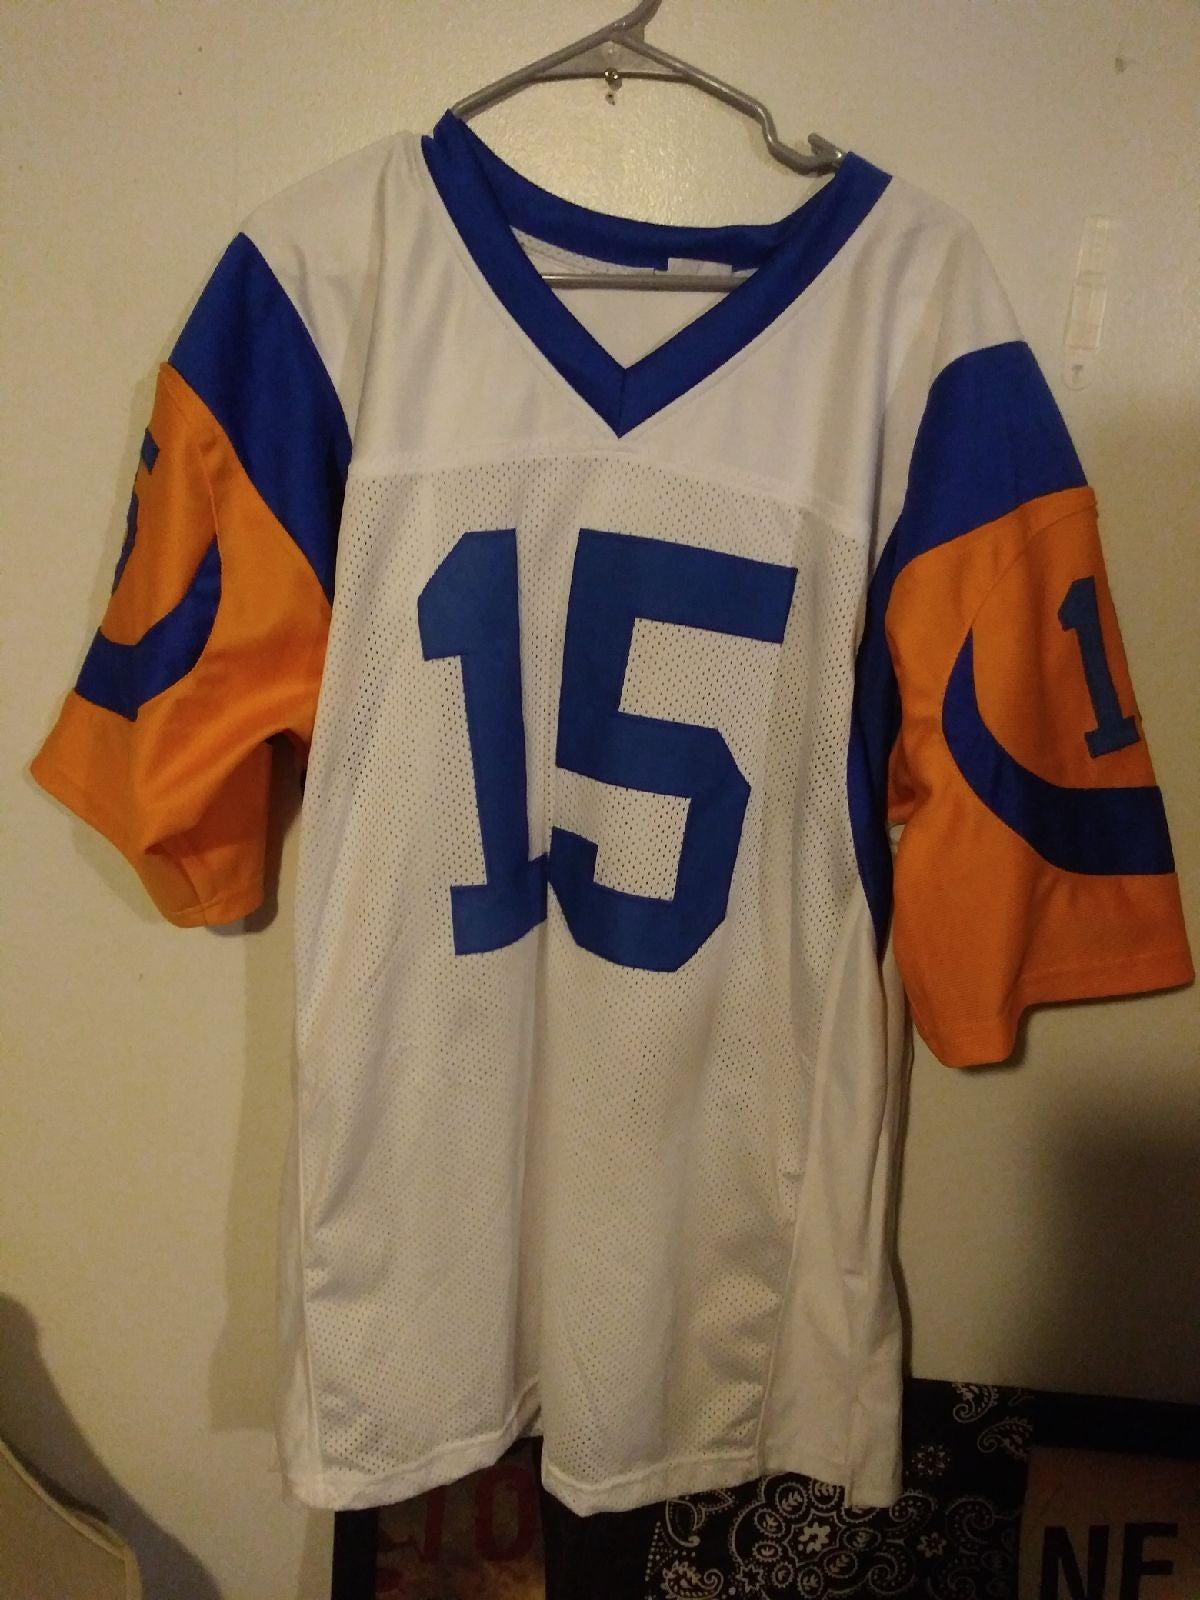 Jersey Rams #15 Ferragamo